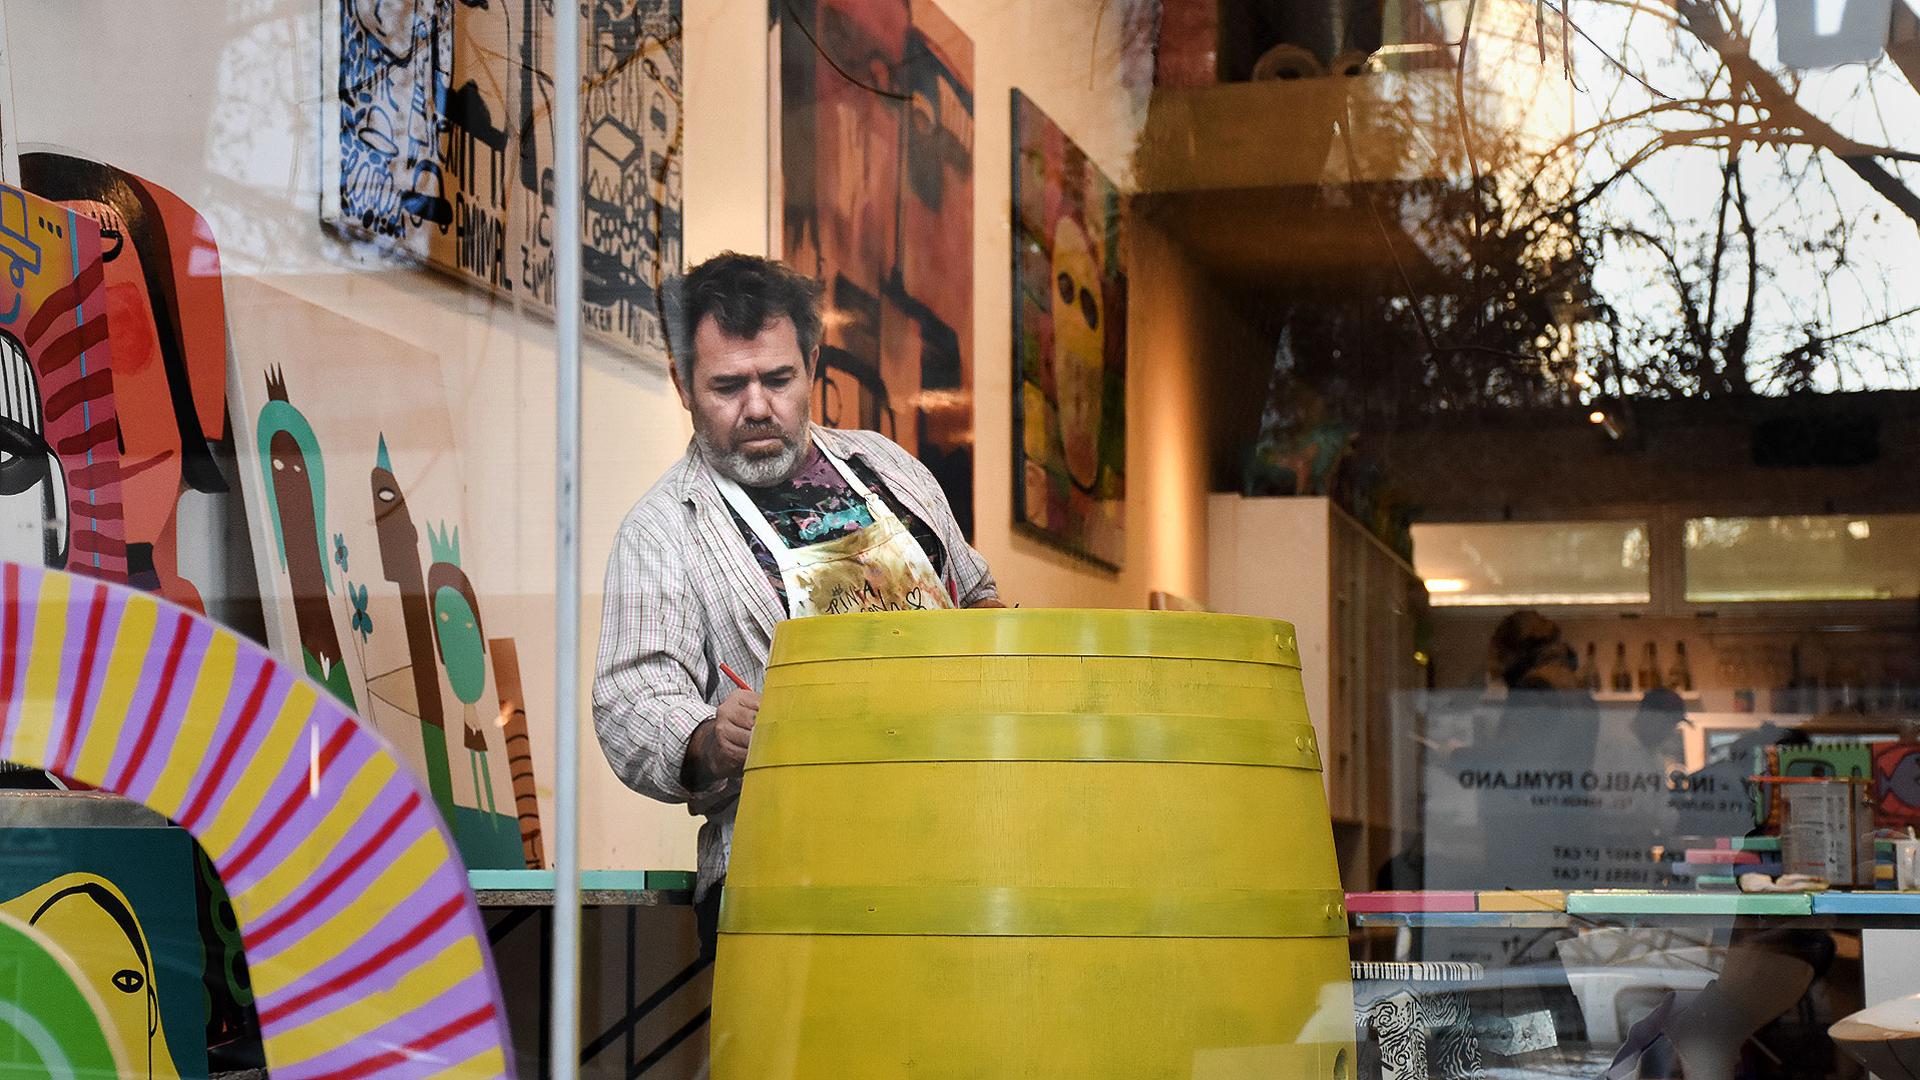 El artista siguió viviendo en Resistencia pero ya se radicó en Buenos Aires (Nicolás Stulberg)